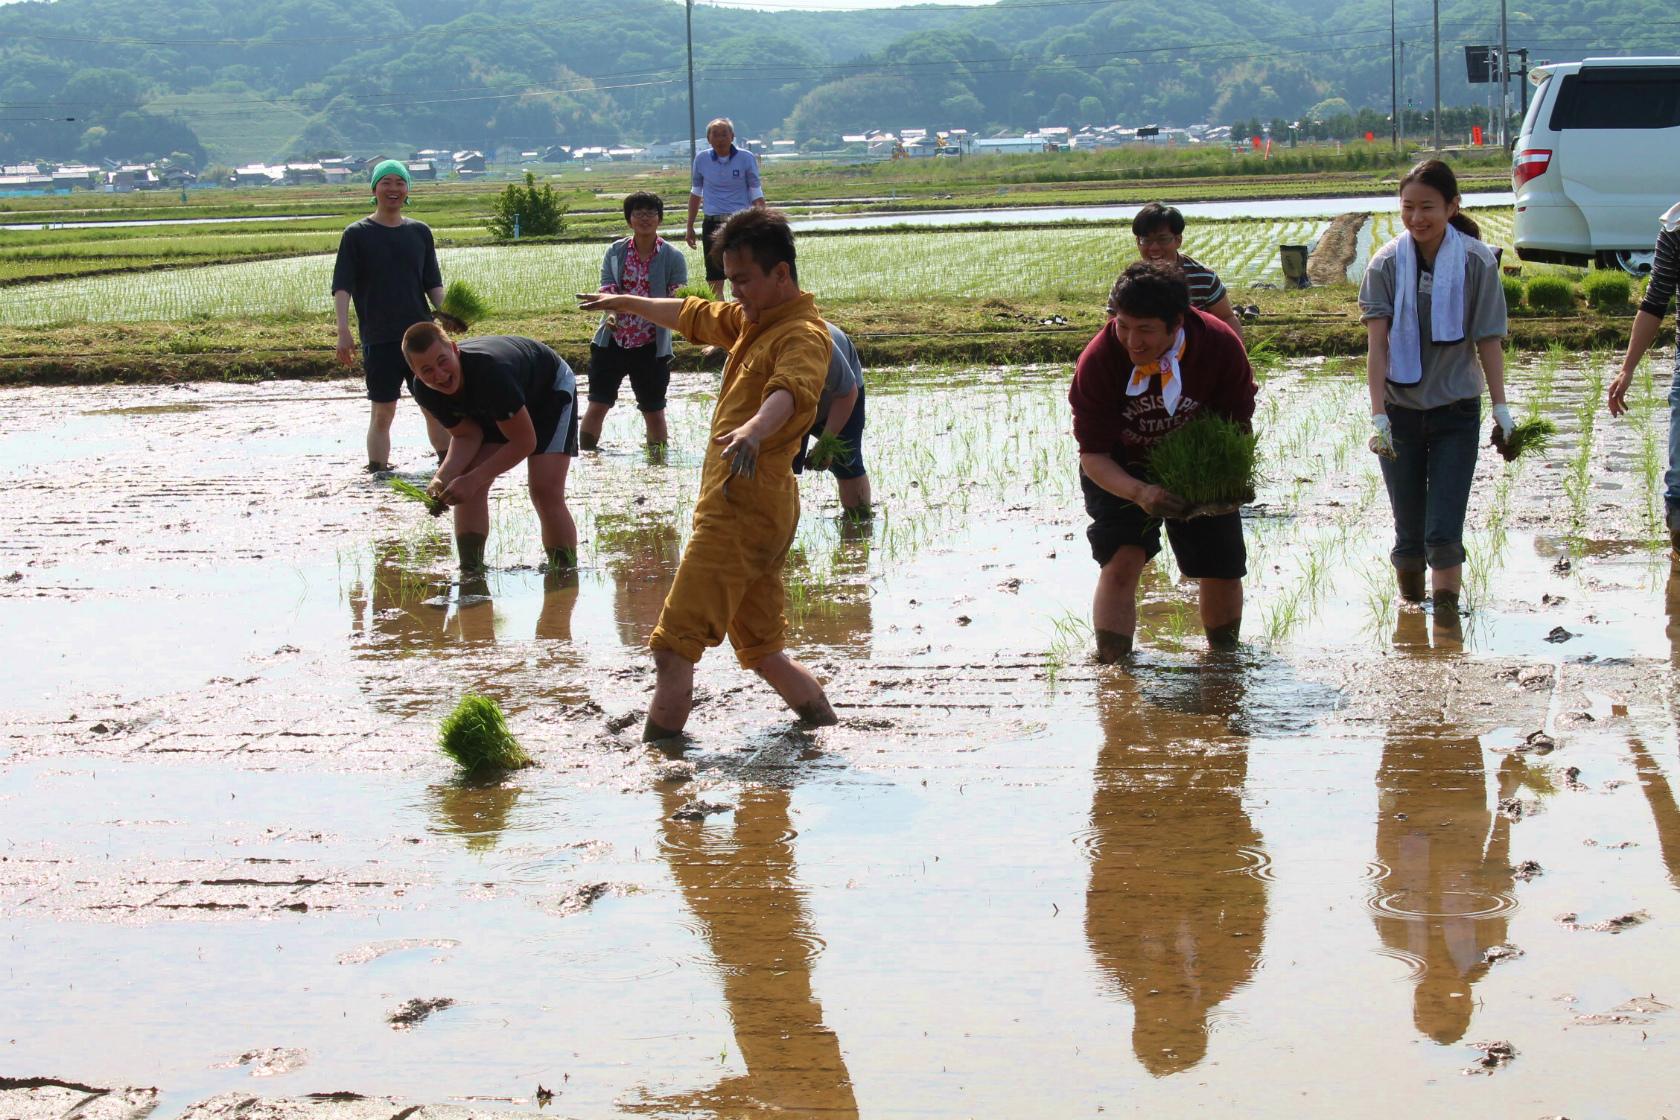 http://www.kaiho.co.jp/jp/news/img/20140524-9.jpg